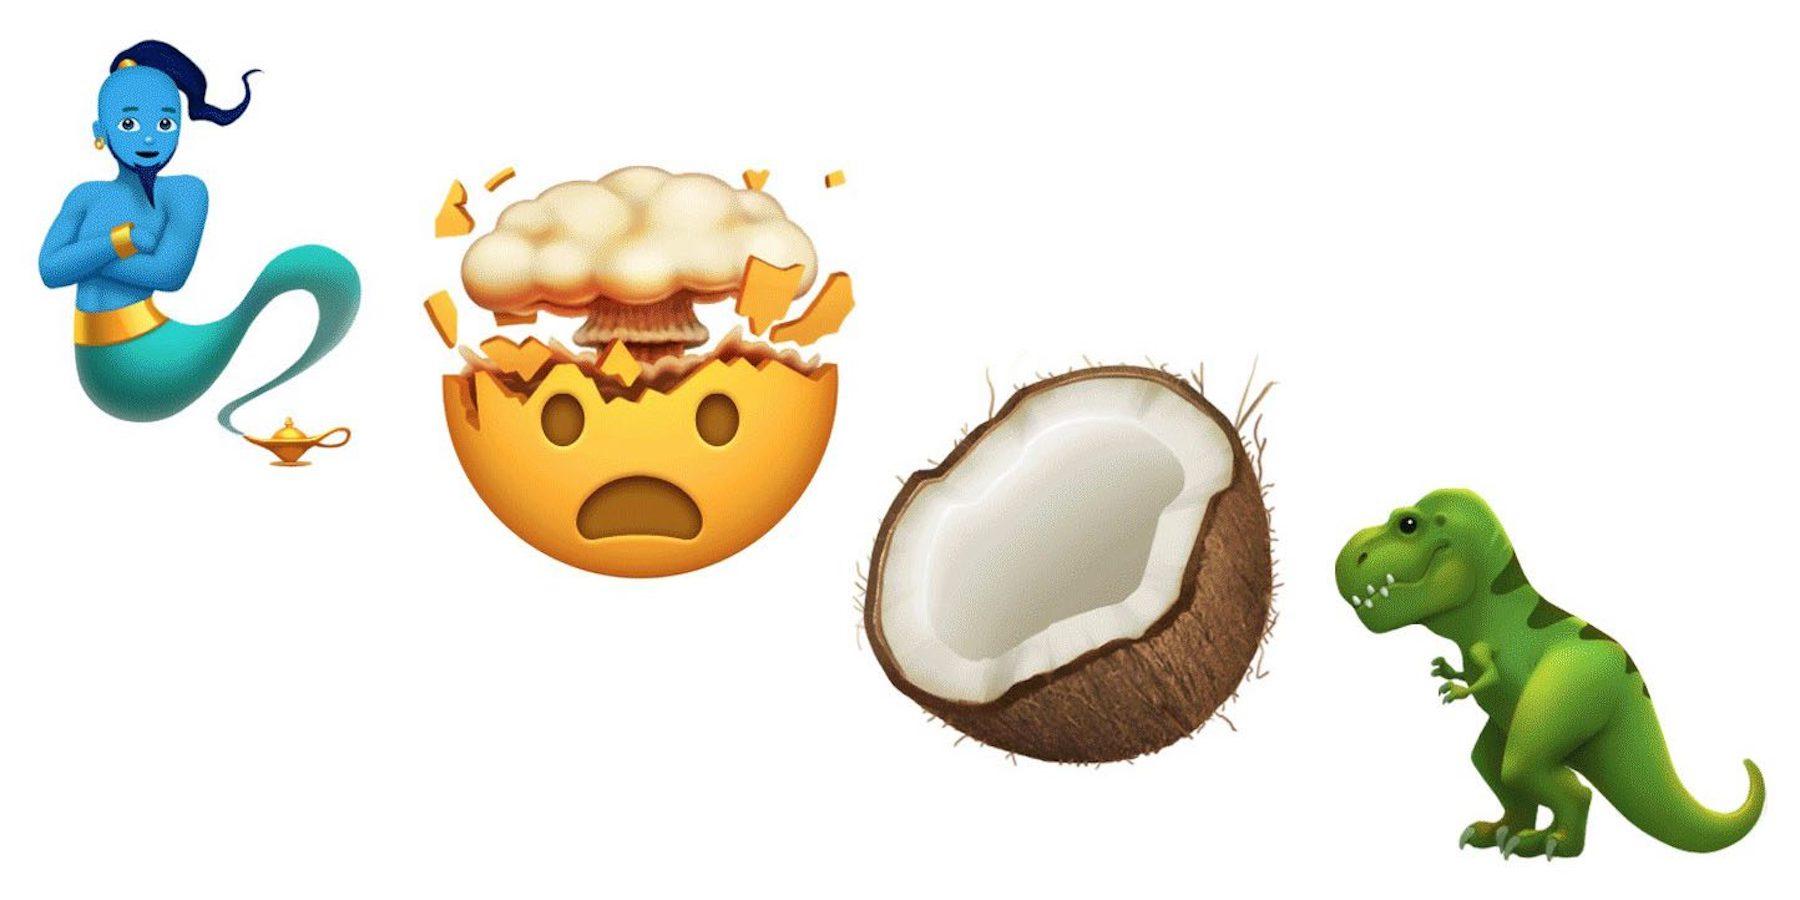 nuevos emoji en los próximos meses